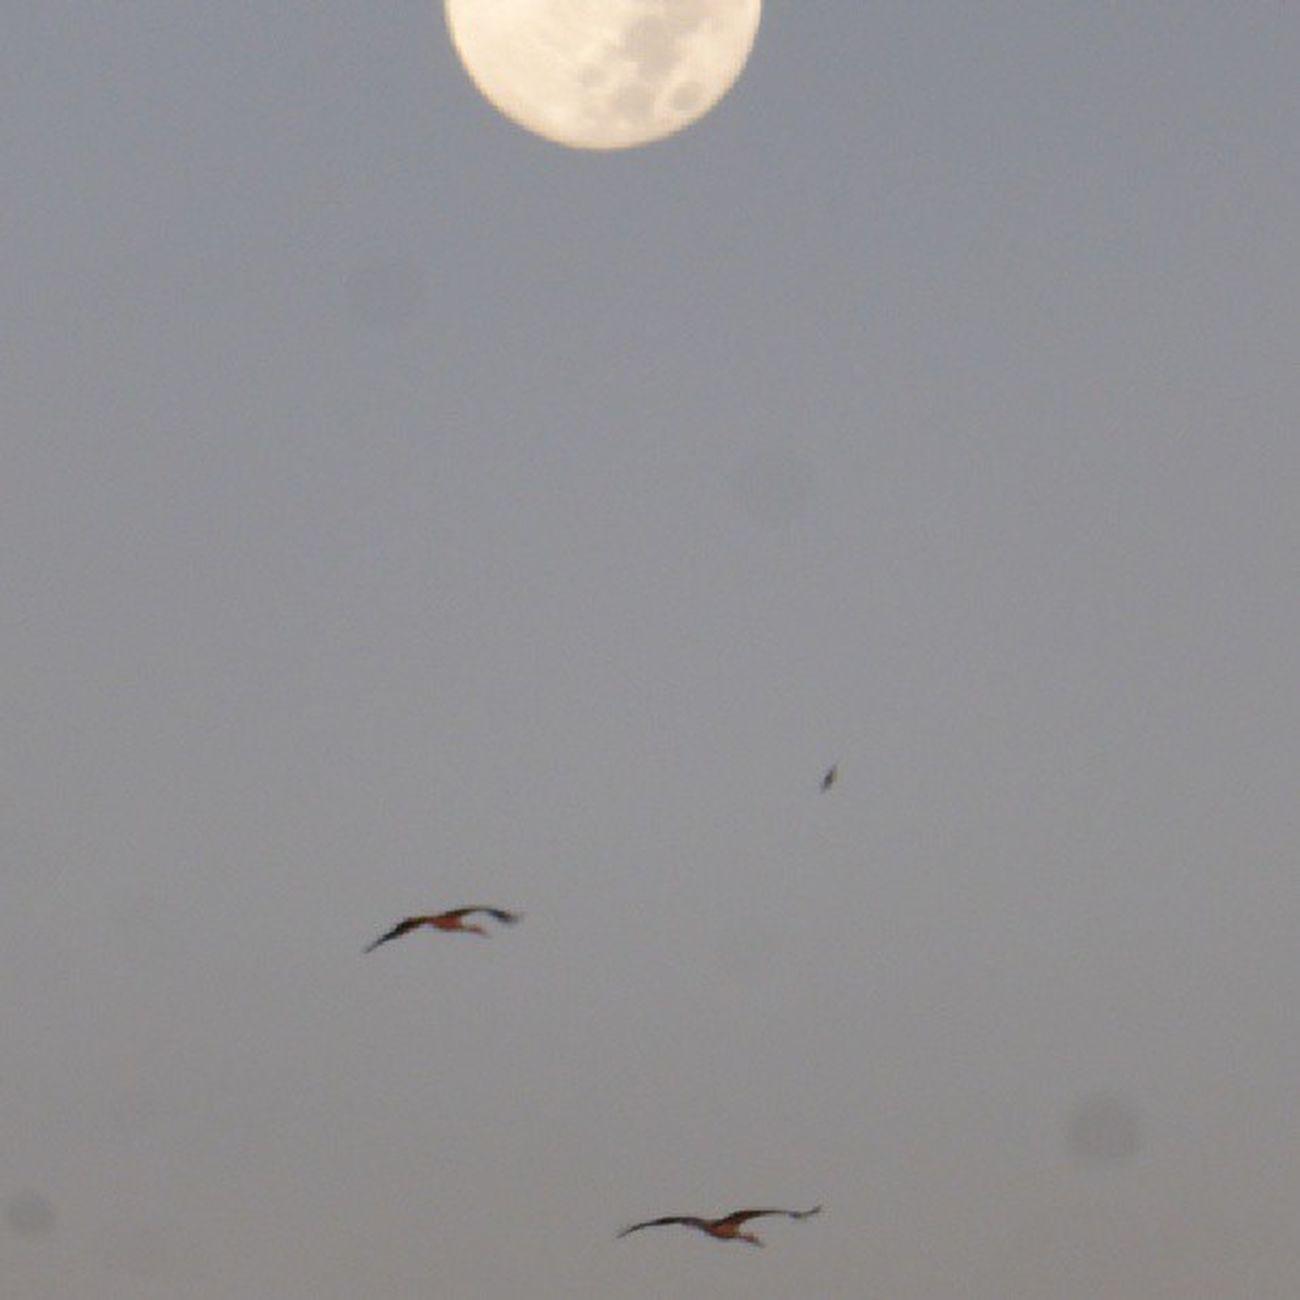 Sorpresa, cigüeñas por los cielos zaragozanos. Skylovers Moon Lunalunera Bird Zaragoza